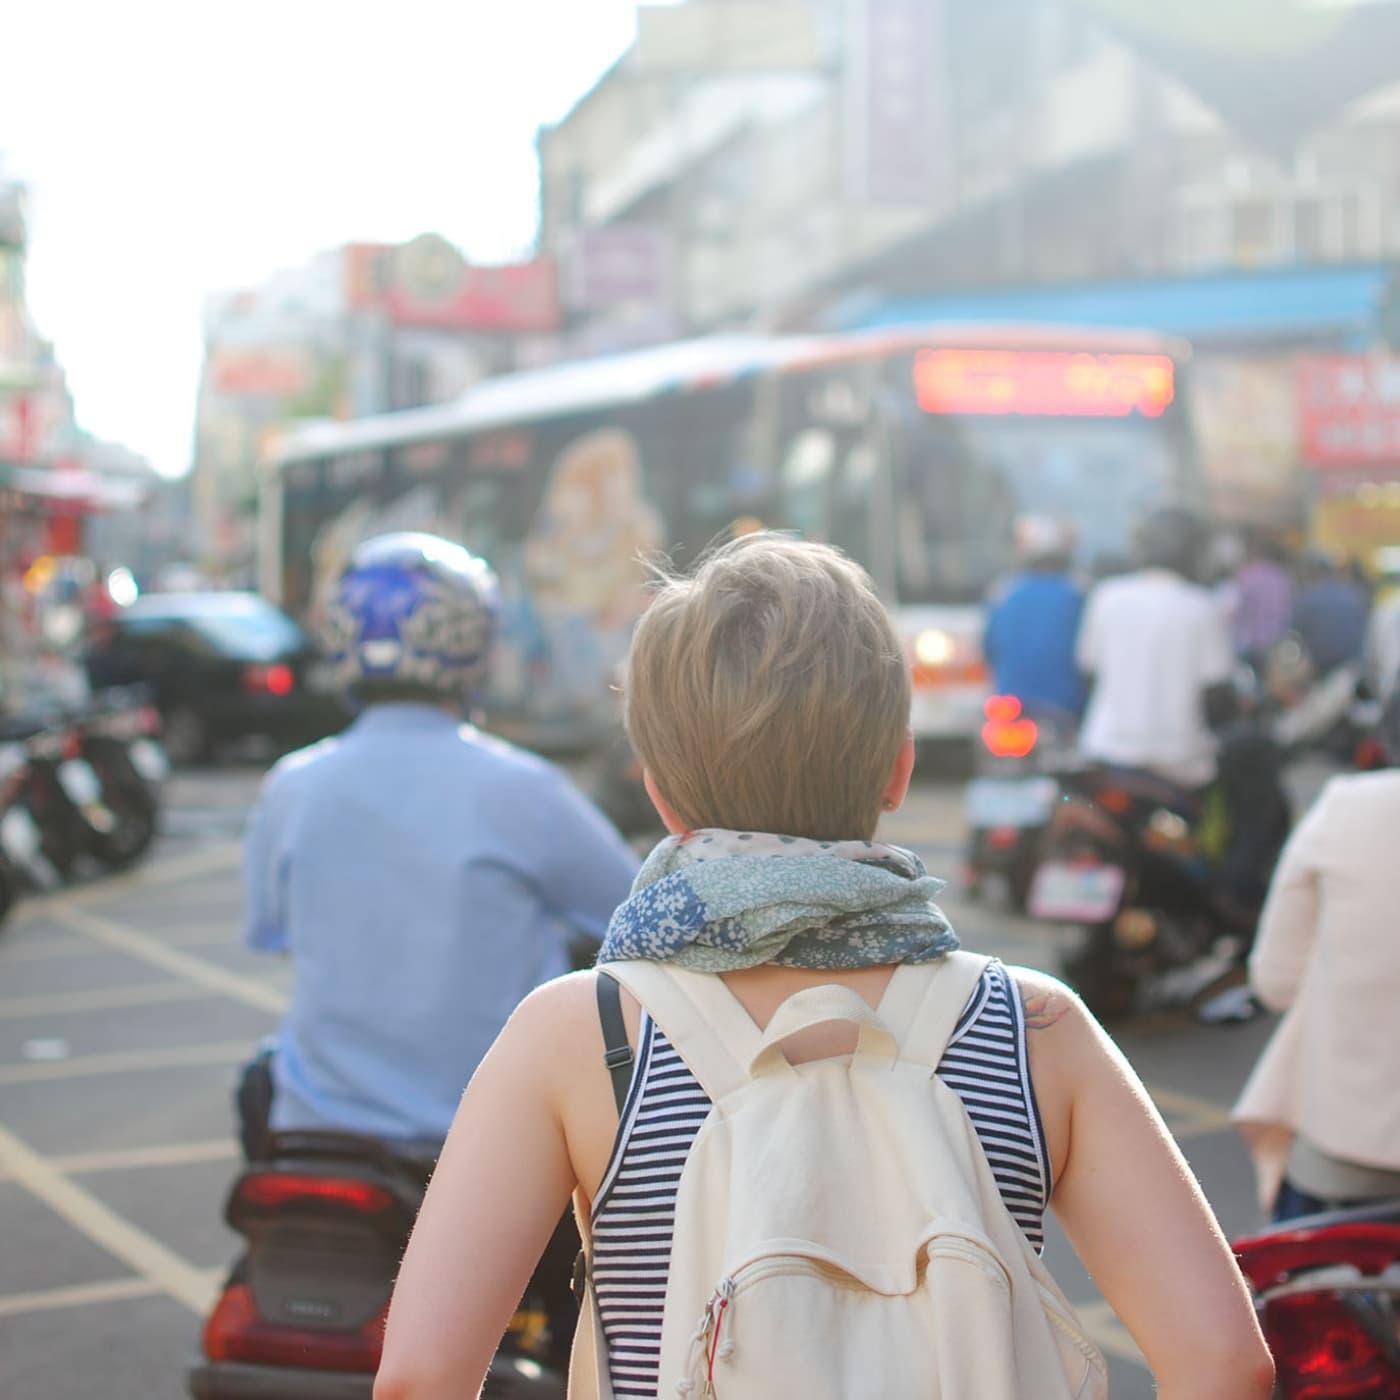 Woman walking in a crowd.